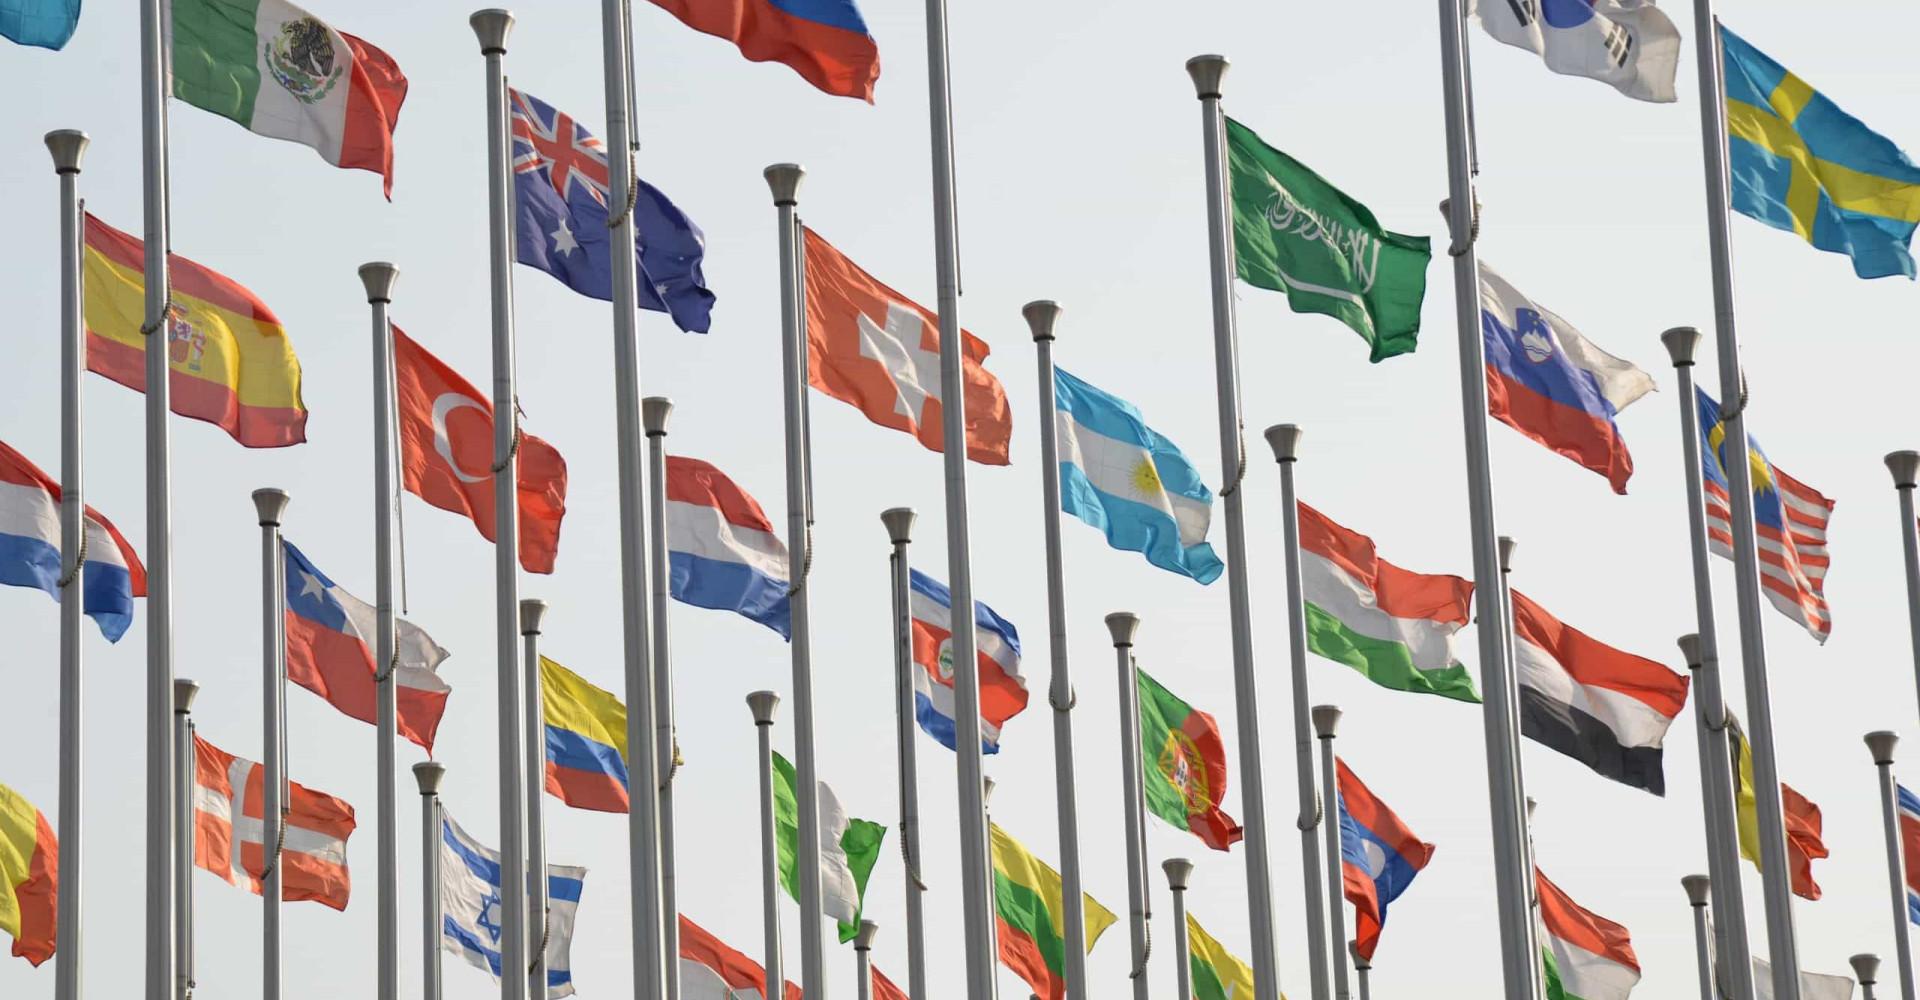 Maailman vihatuimmat maat